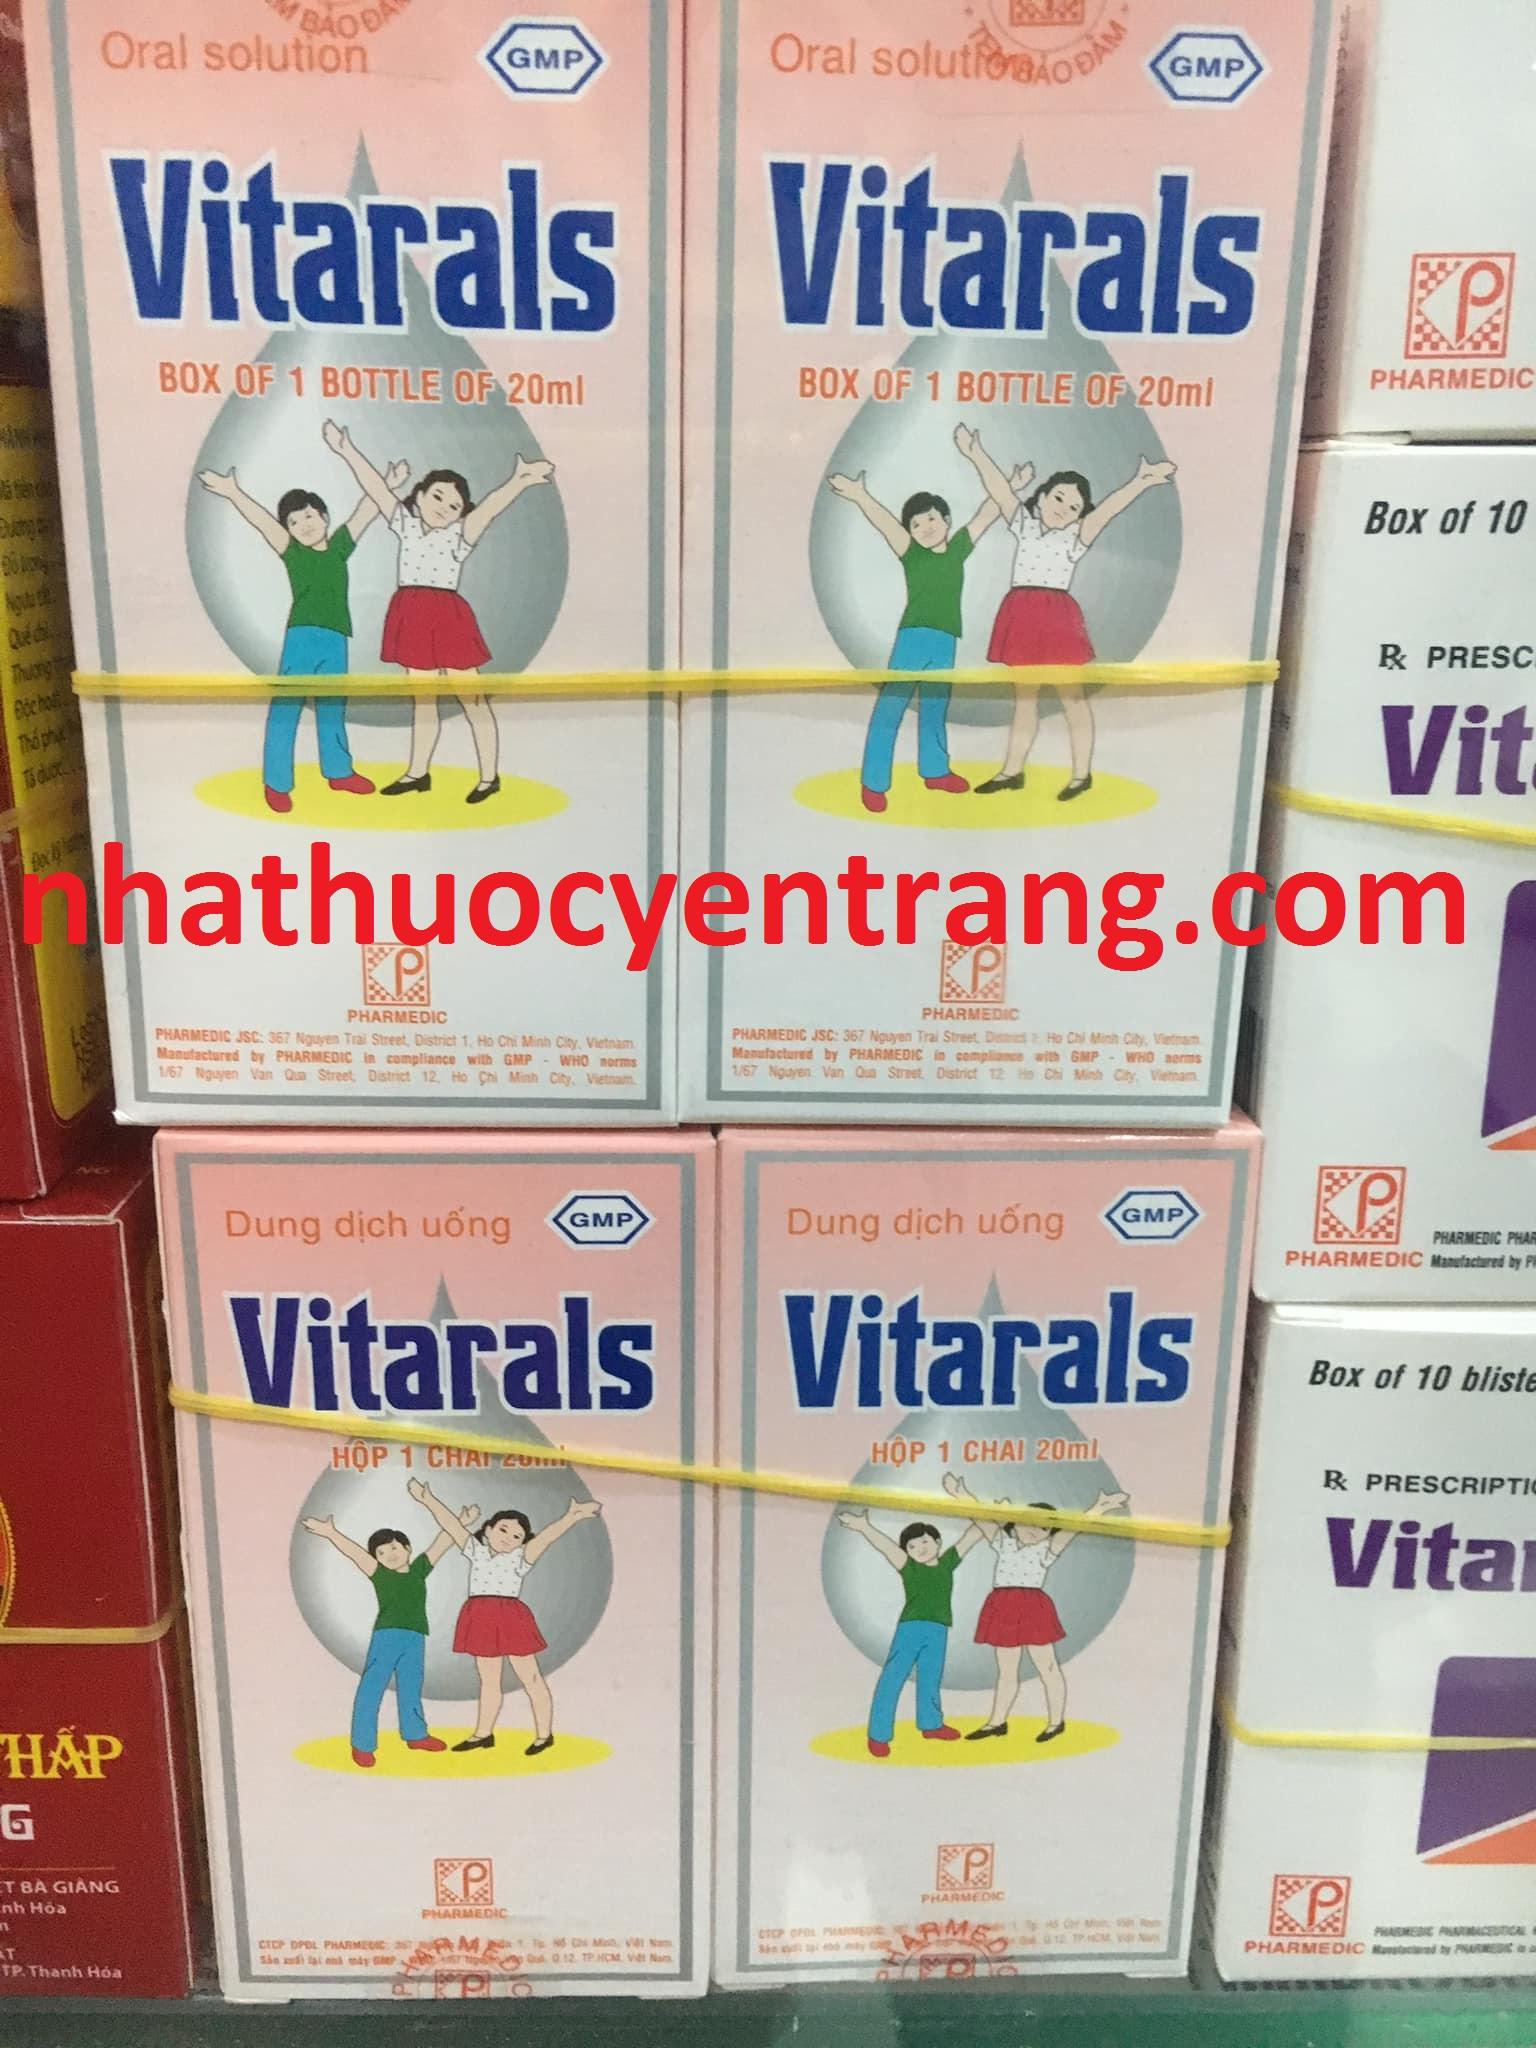 Vitarals 20ml